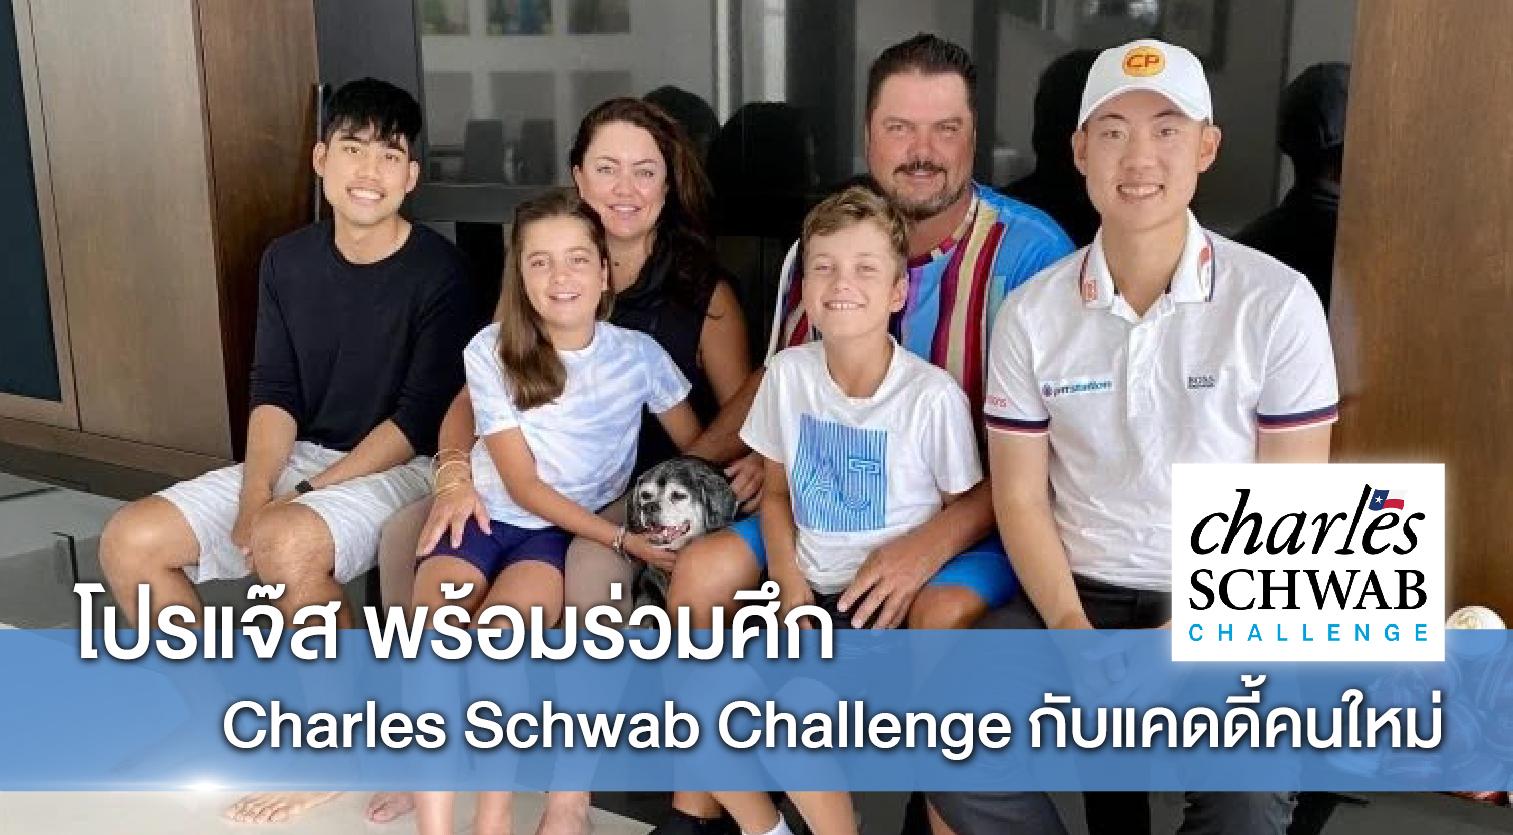 โปรแจ๊ส พร้อมร่วมศึก Charles Schwab Challenge กับแคดดี้คนใหม่